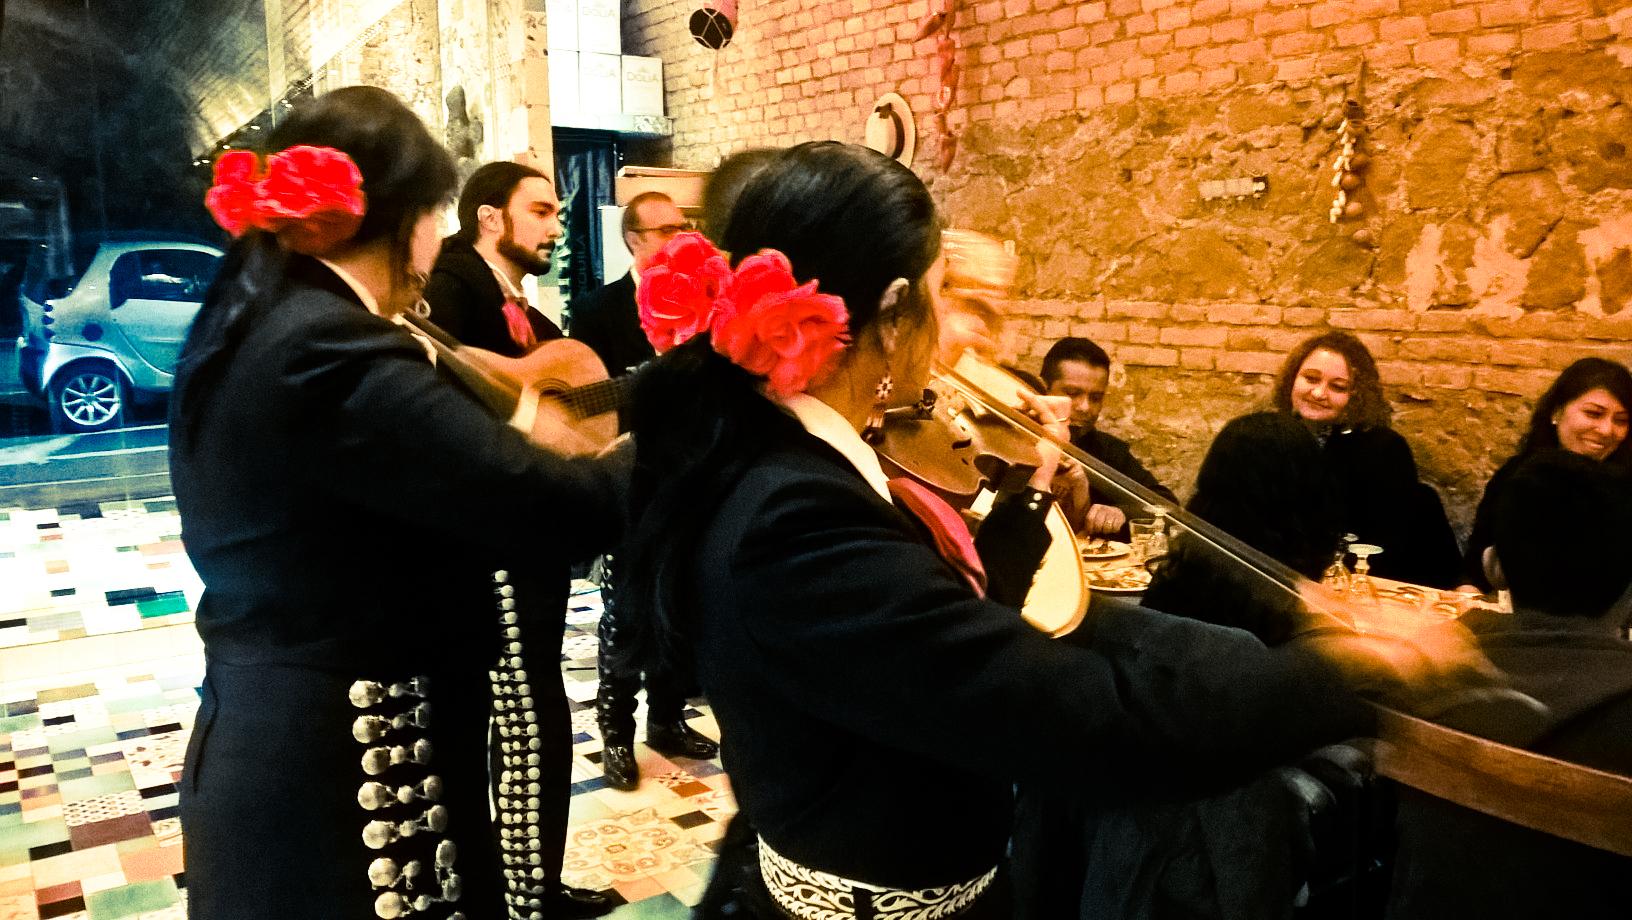 ristorante-messicano-puerto-messico-roma